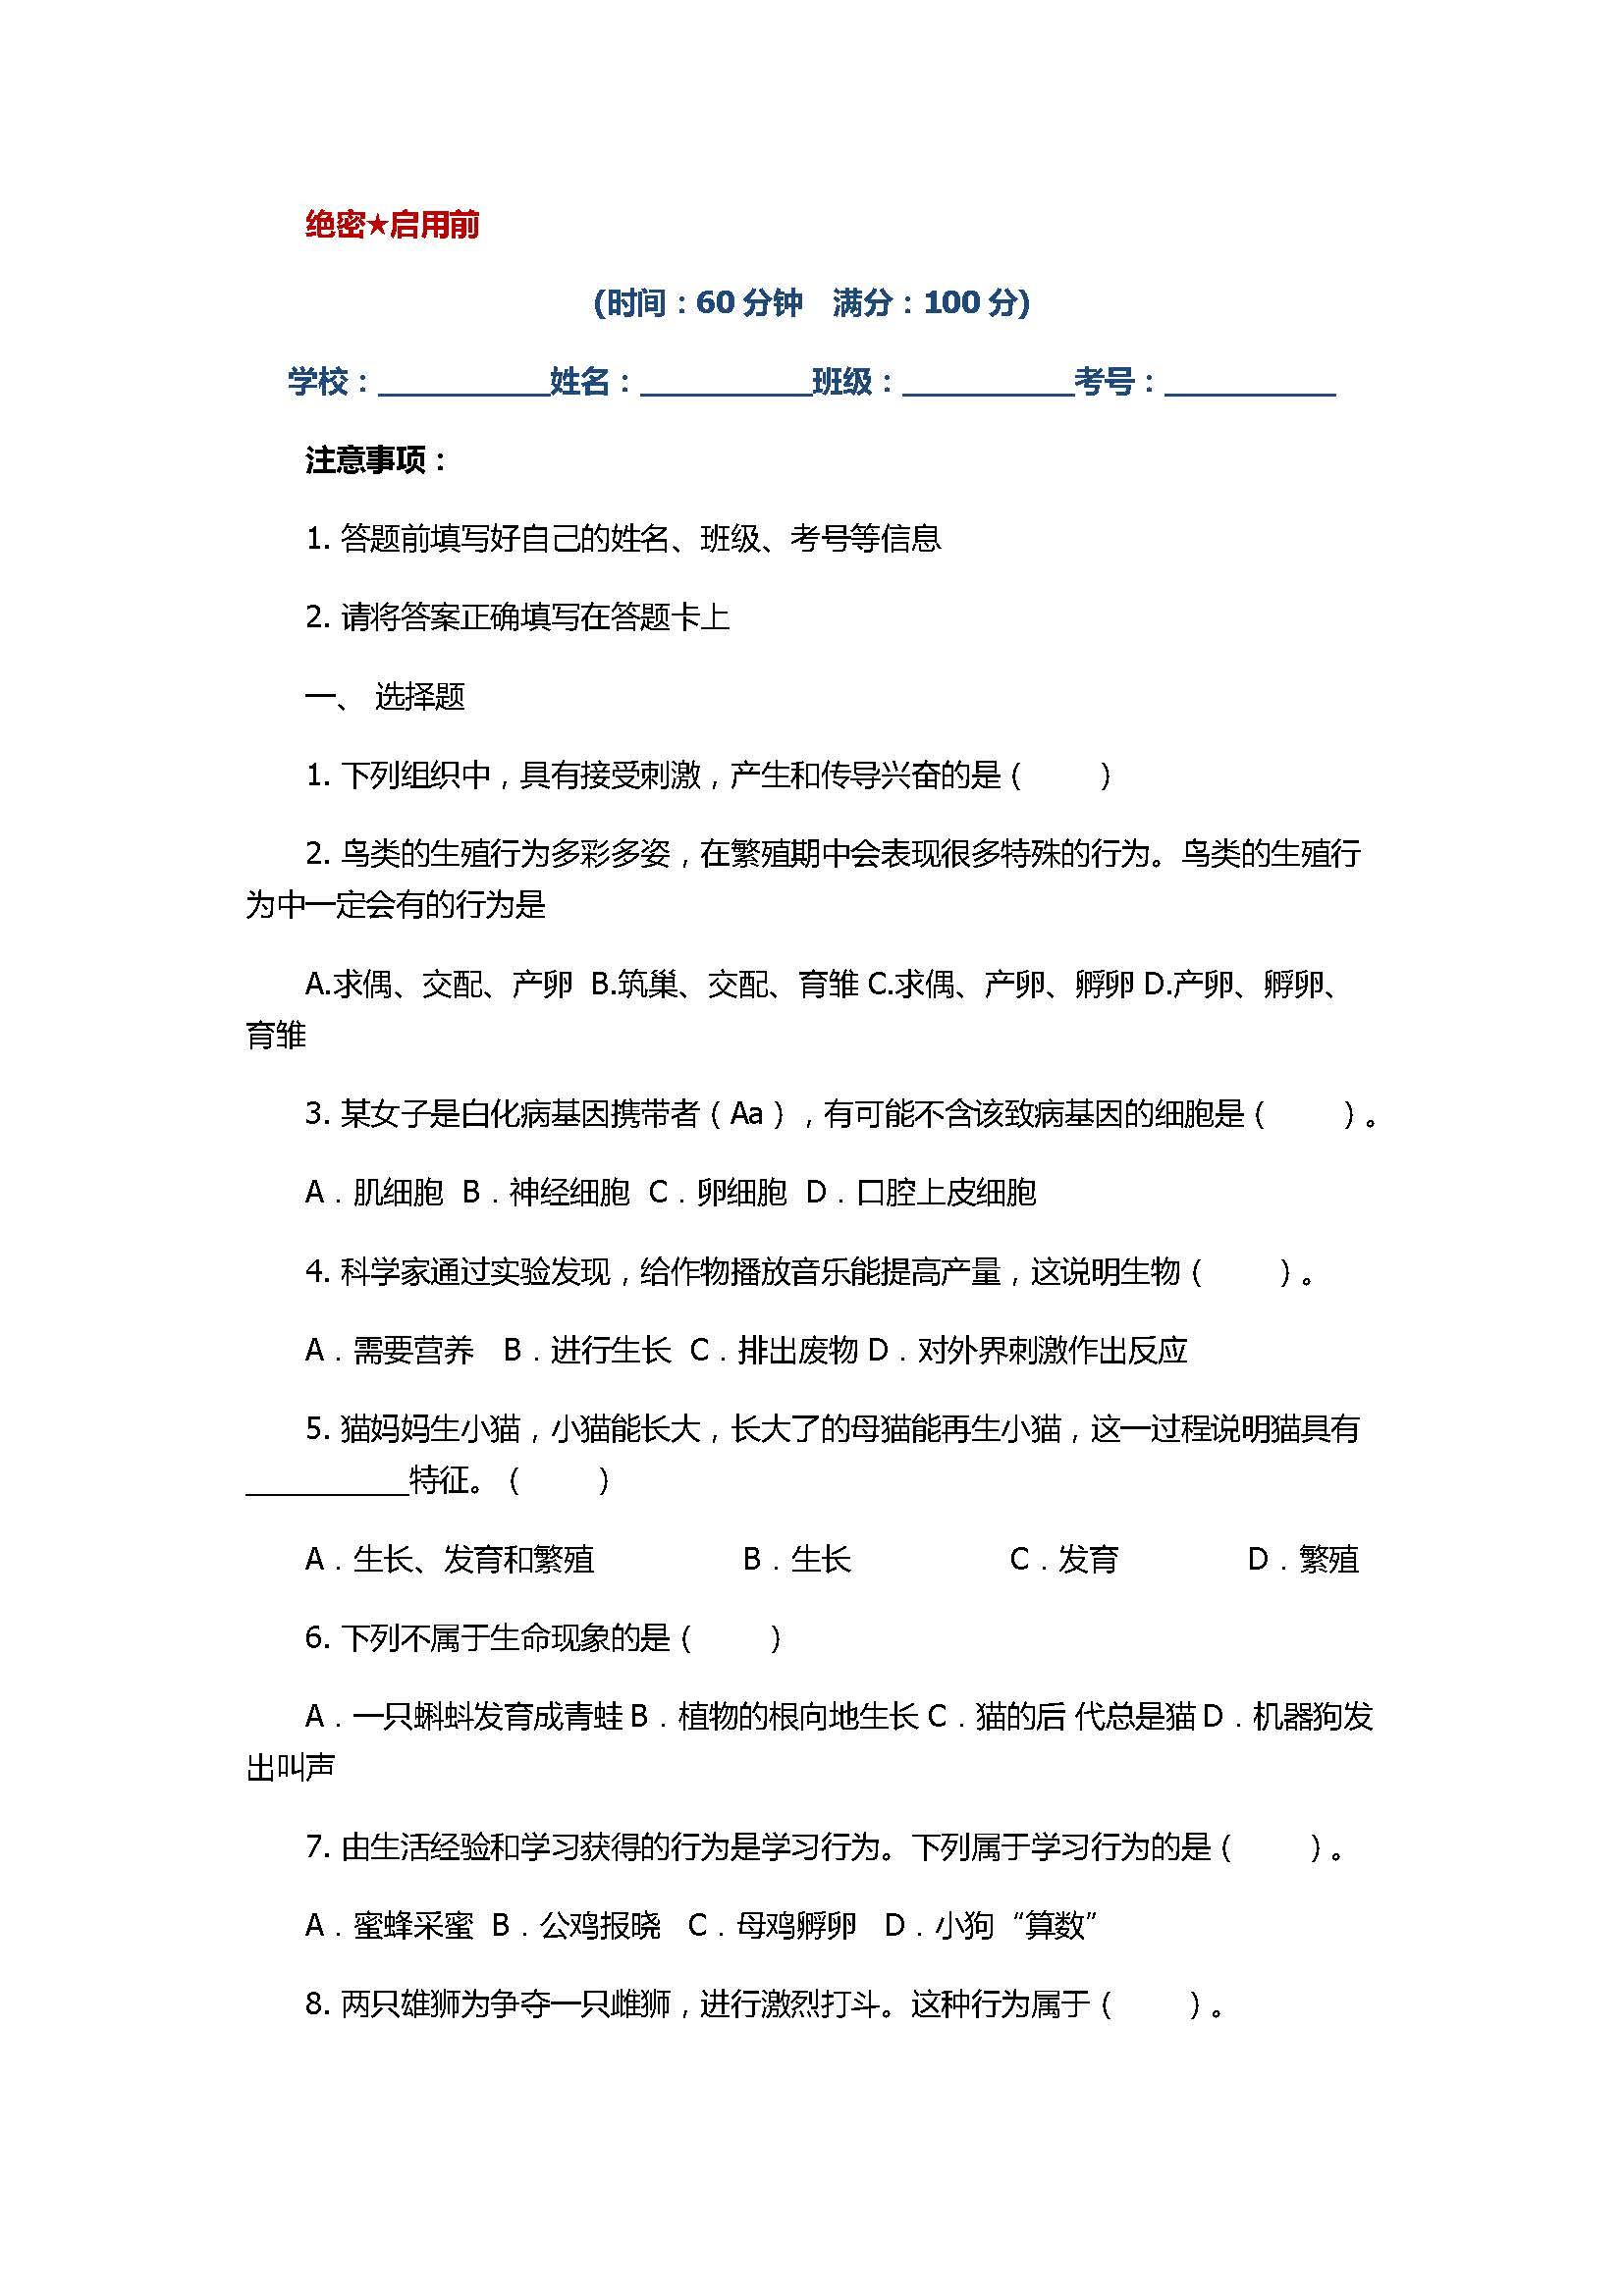 2017初二年级生物上册月考试题含参考答案(钦州港区)